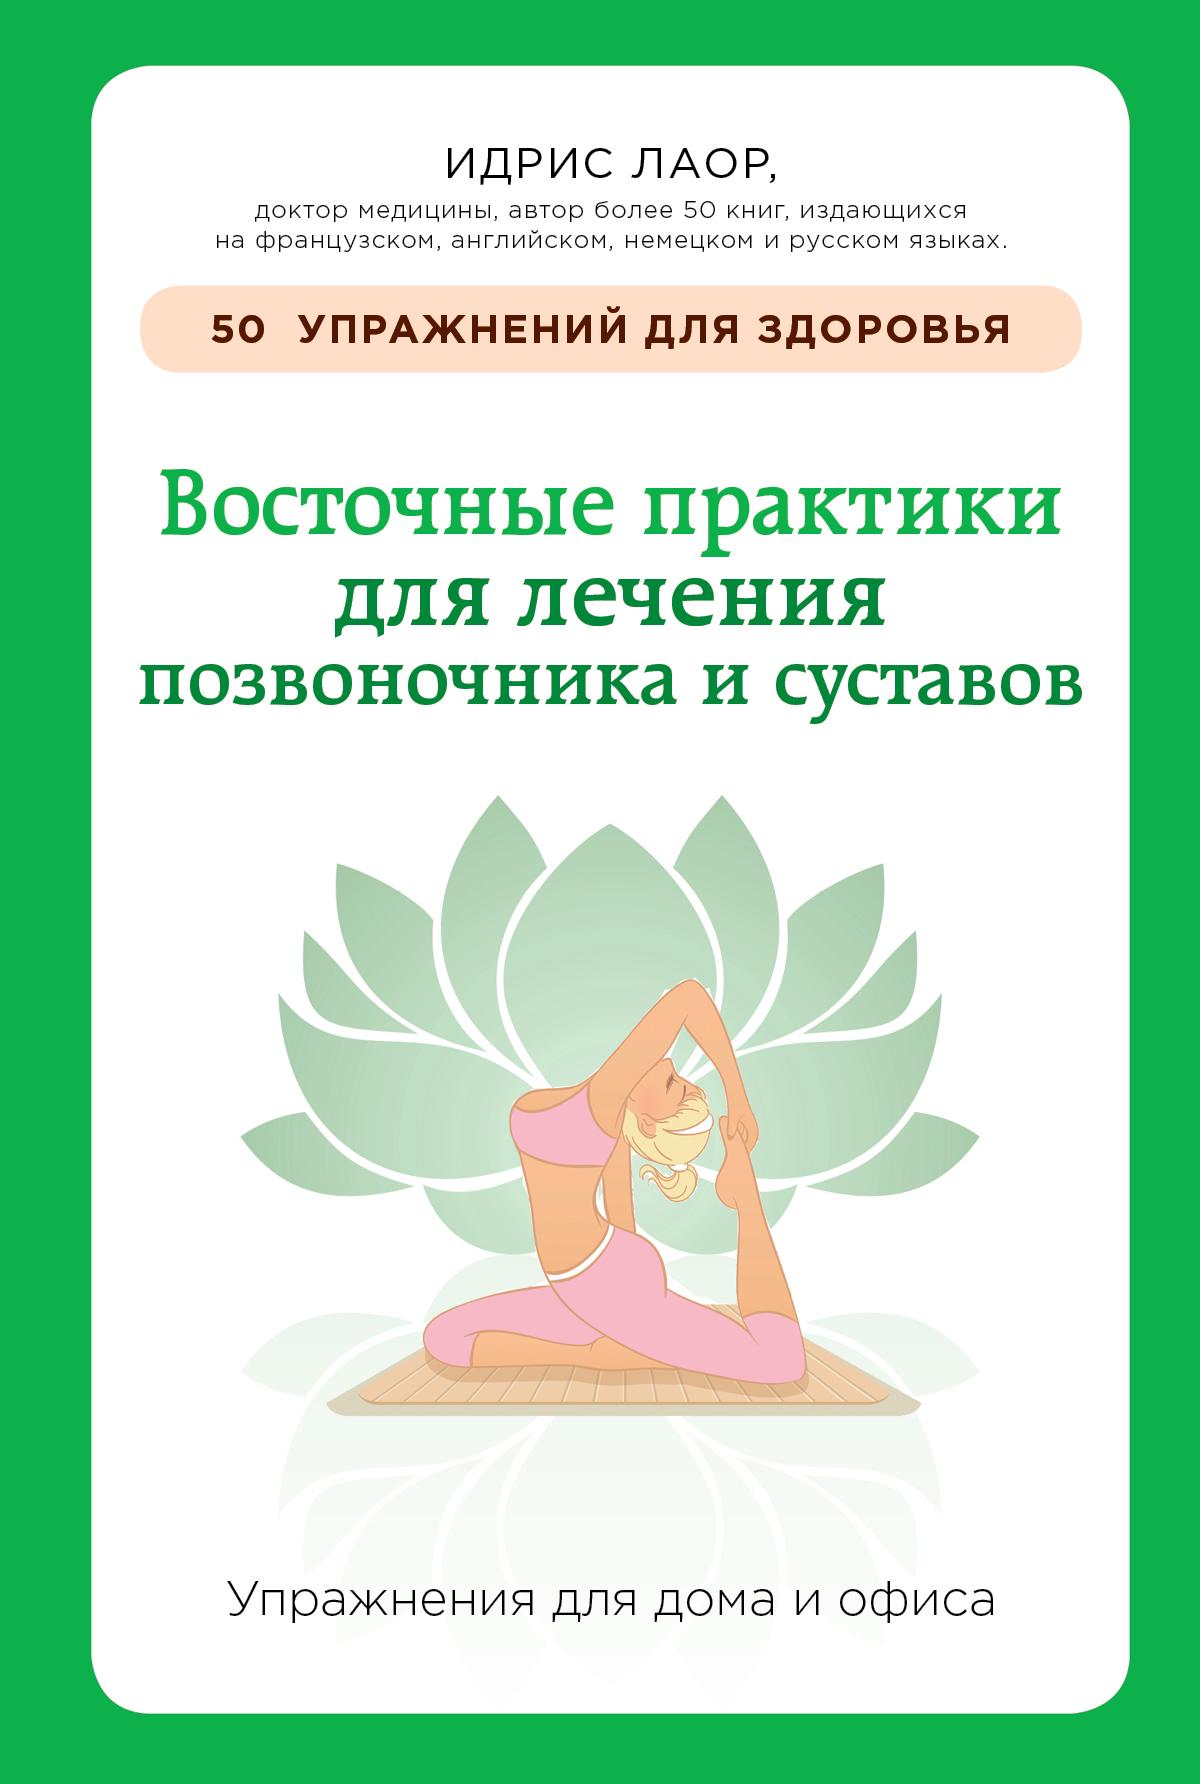 Восточные практики для лечения позвоночника и суставов: упражнения для дома и офиса от book24.ru